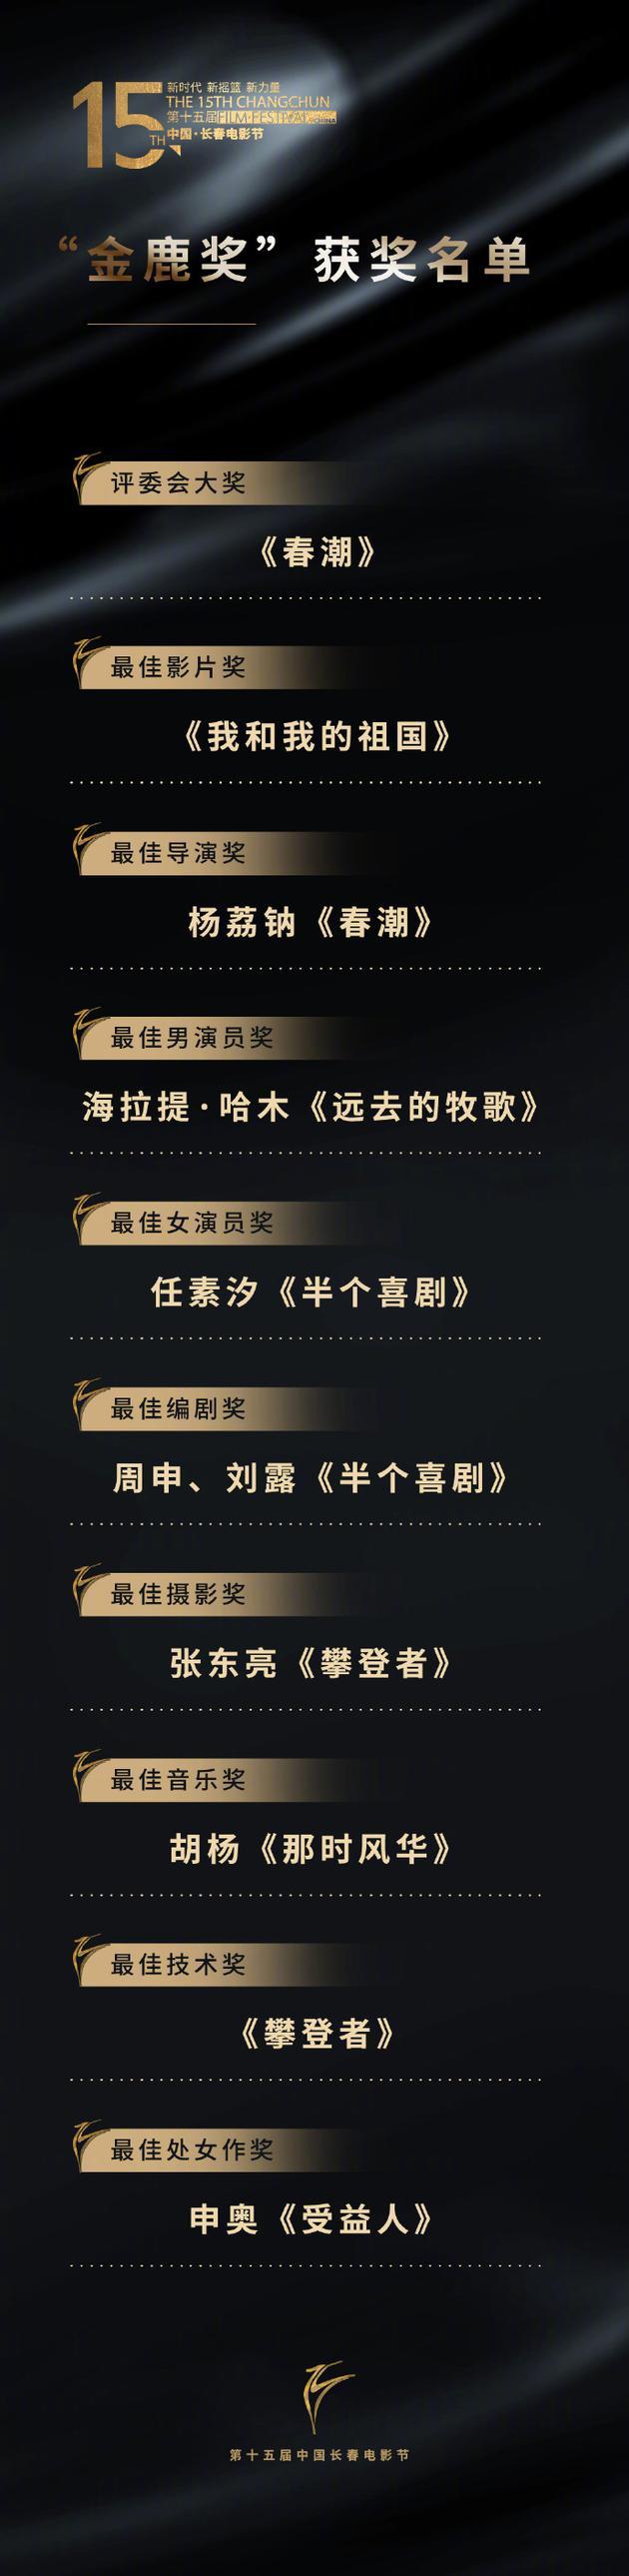 """第15届长春电影节""""金鹿奖""""完整获奖名单揭晓"""